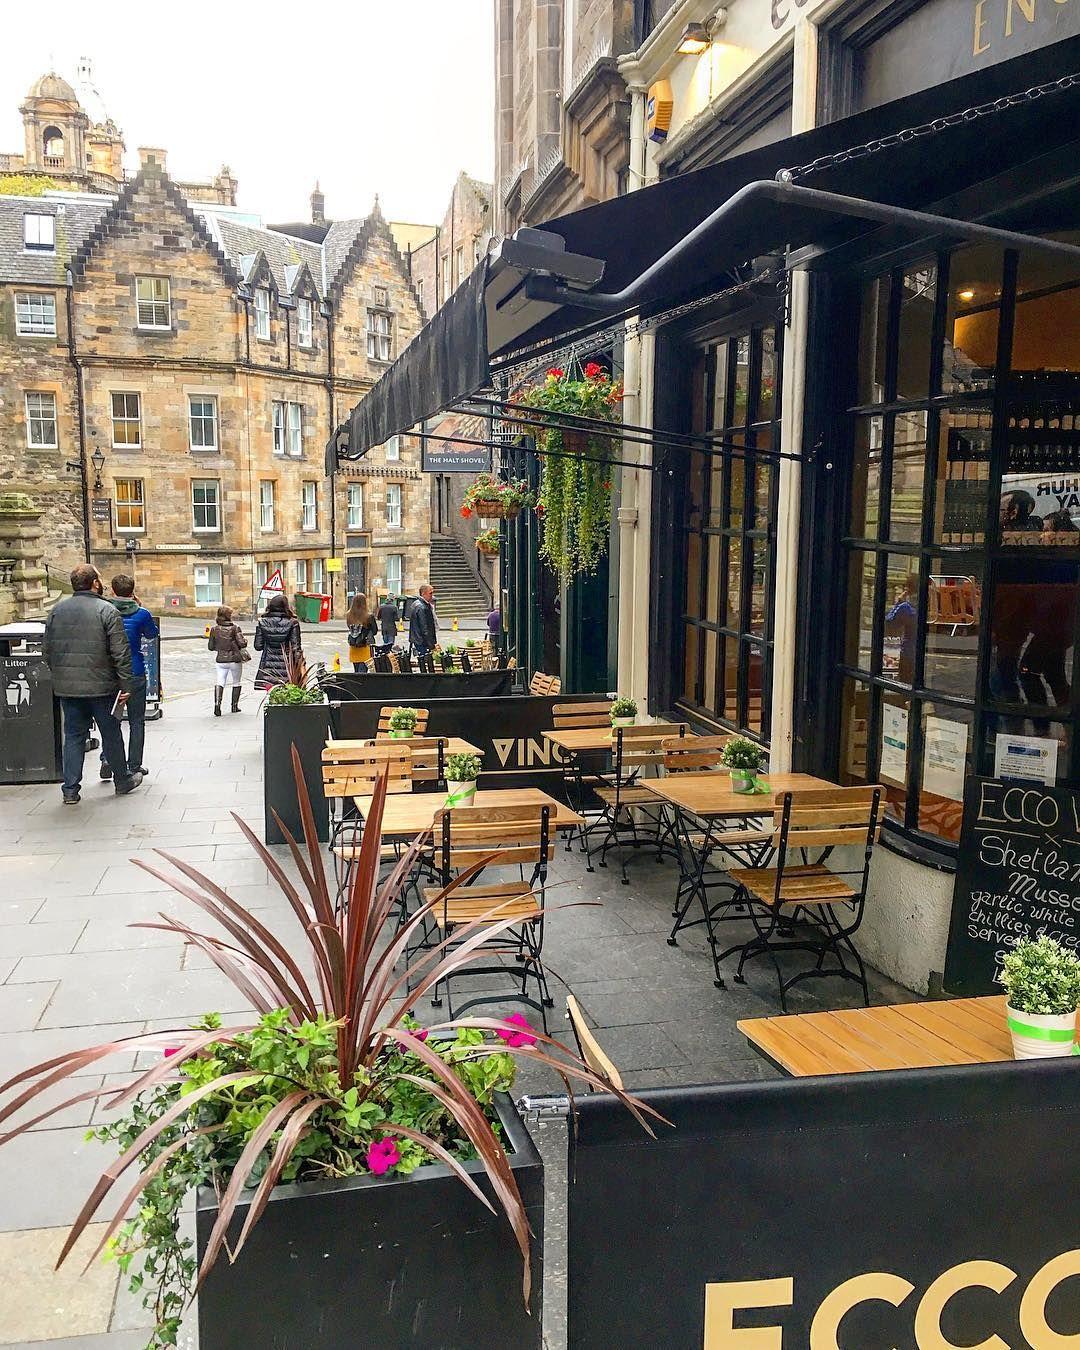 """Daniela Wiese on Instagram: """"Eins hab ich noch: absolut sehenswert sind die hübschen Häuser in der Old Town von Edinburgh. 🏠 #edinburgh #edinburghstreets #edinburghlife"""""""